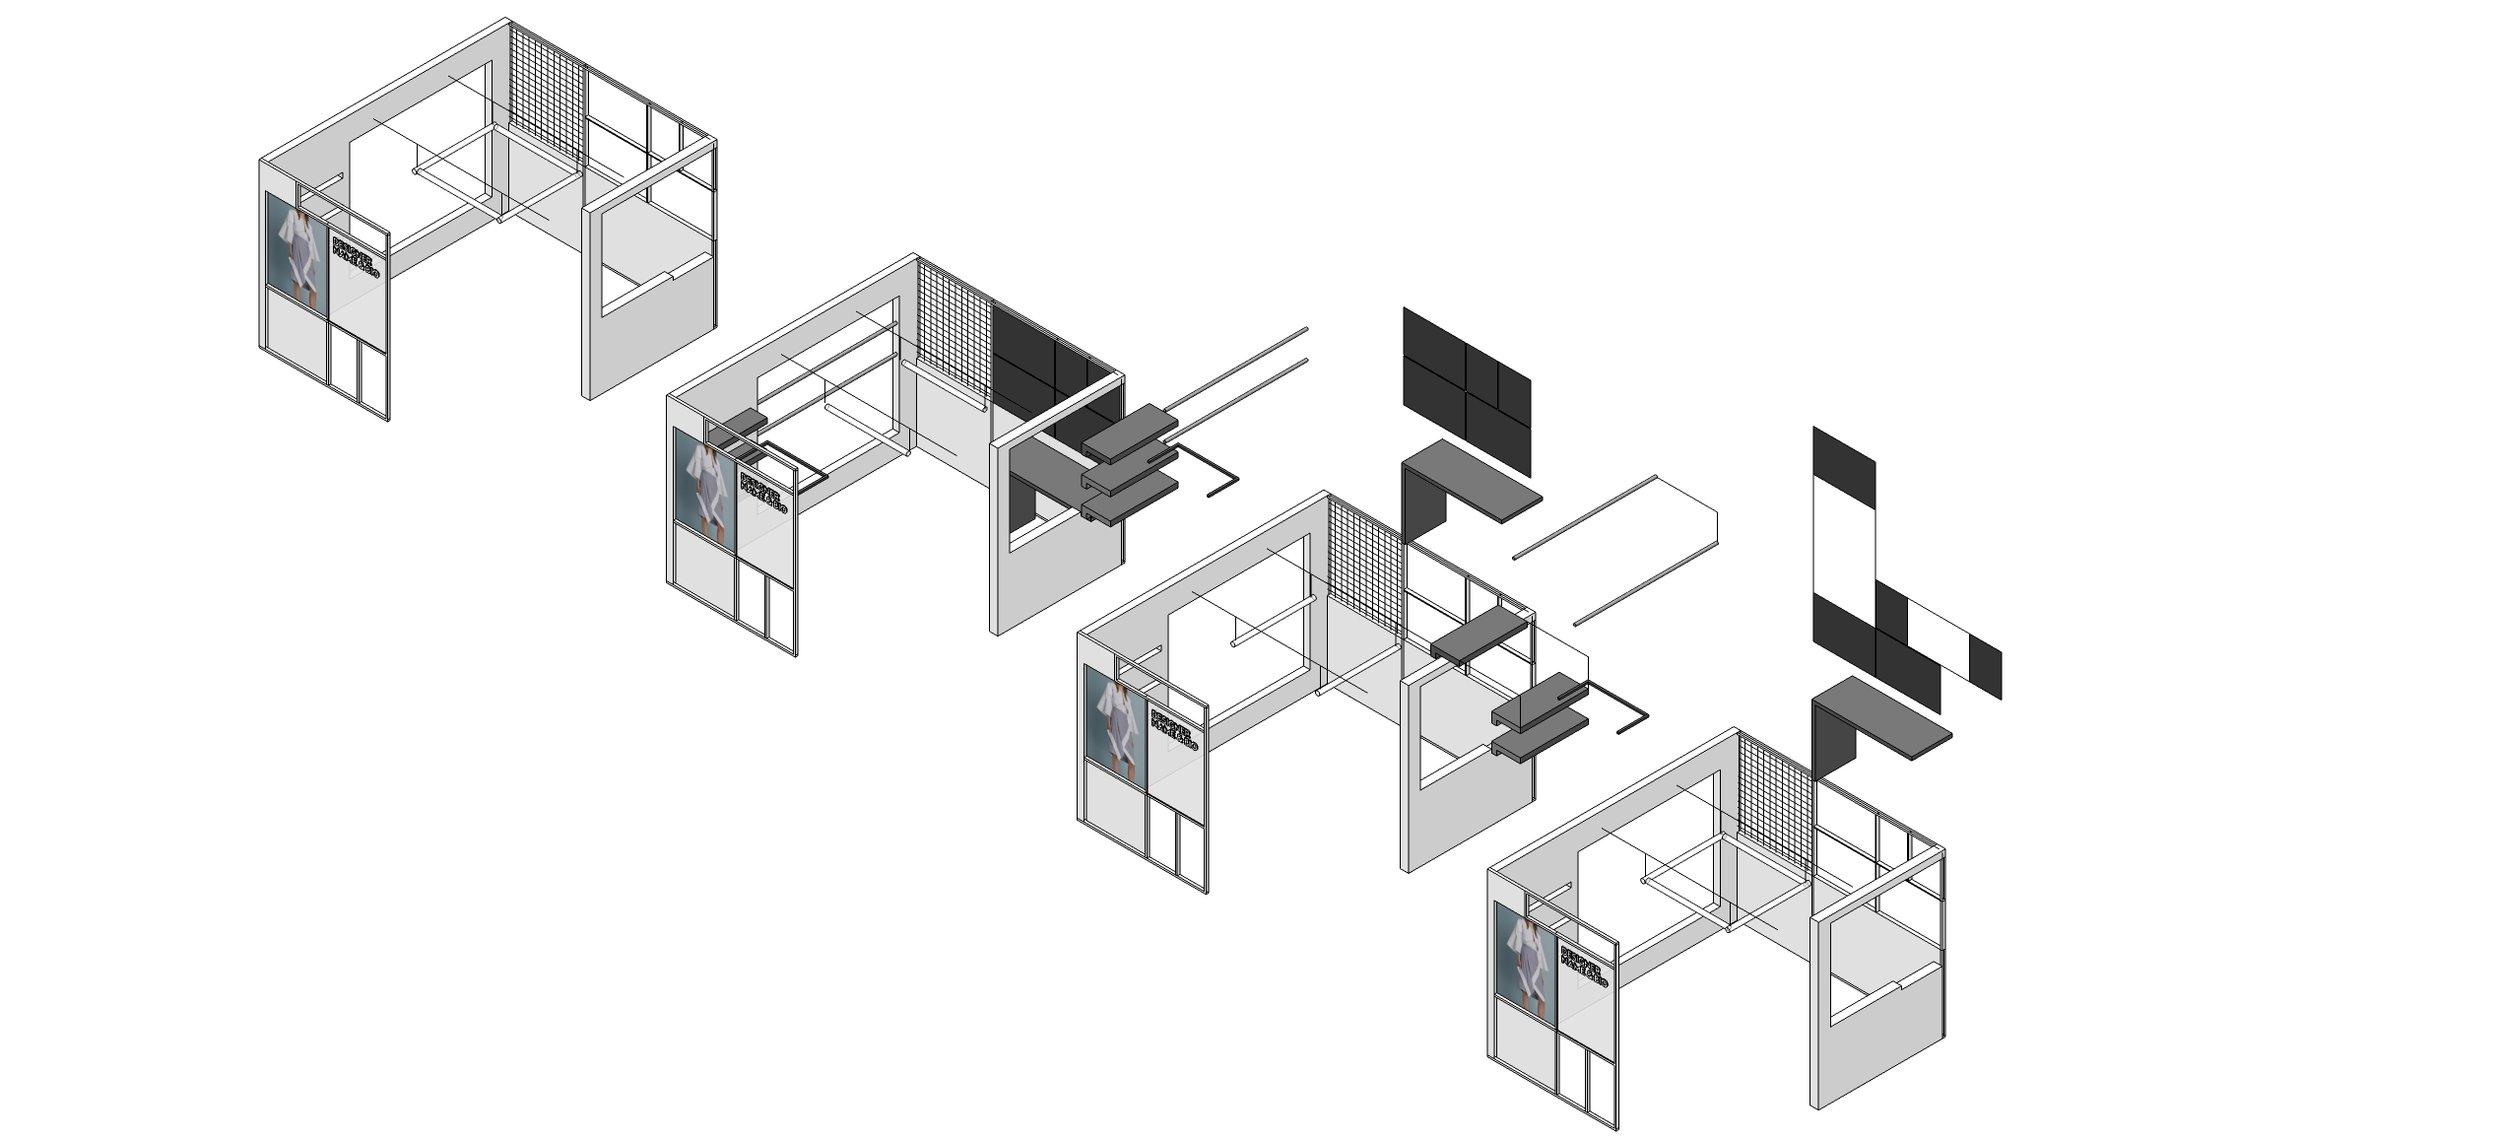 CFDA+Modular+Diagram+Render.jpg